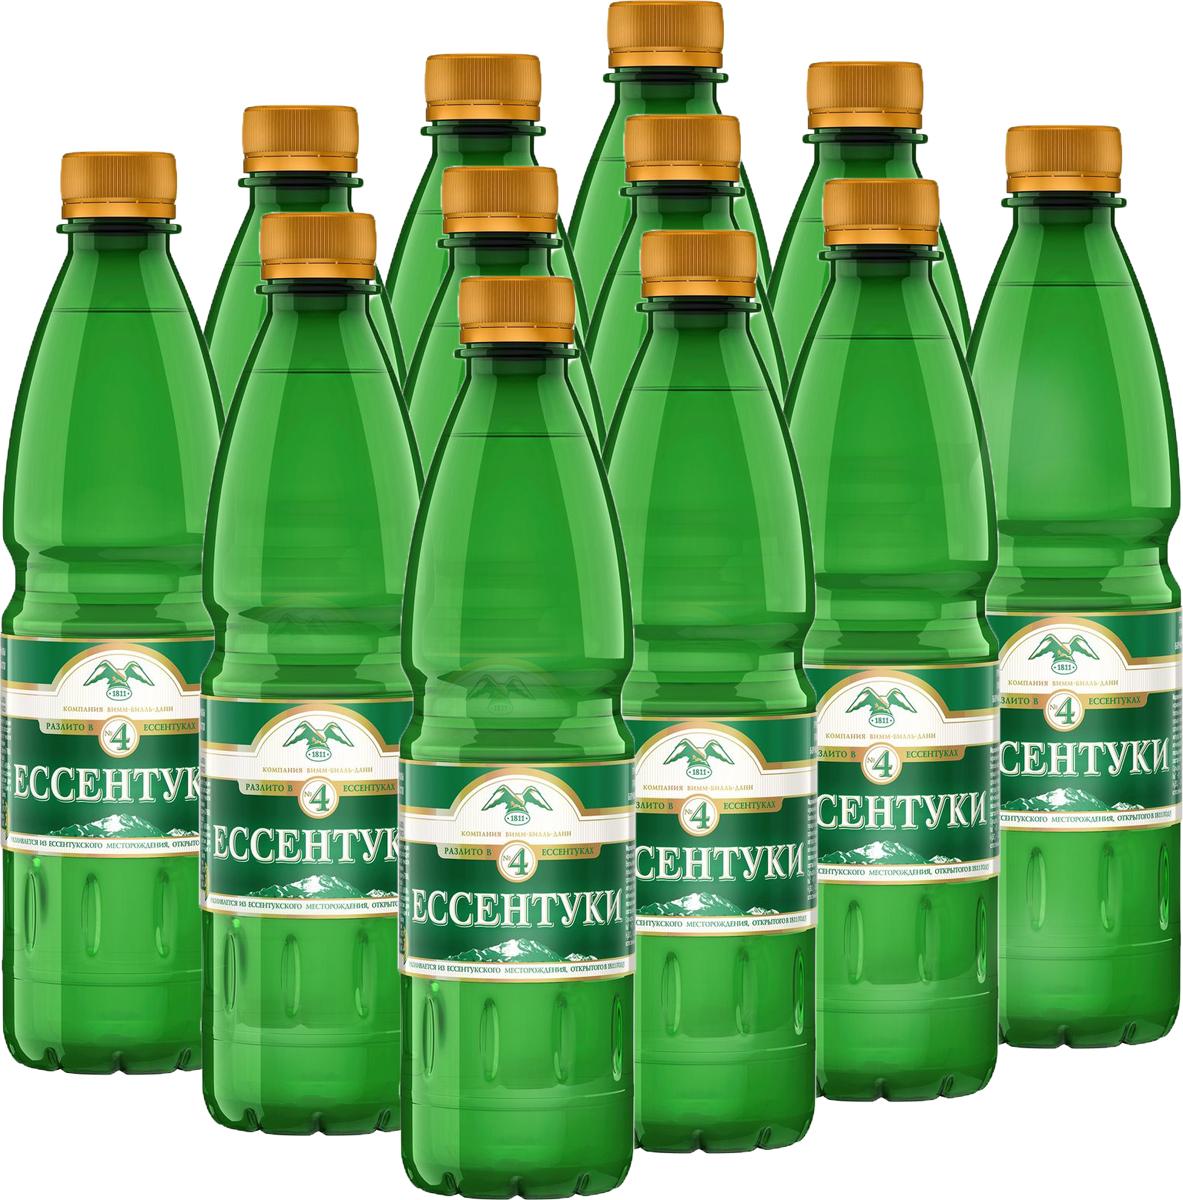 Ессентуки №4 вода минеральная природная лечебно-столовая газированная, 12 штук по 0,5 л340030694_блоки«Ессентуки №4» - минеральная природная питьевая лечебно-столовая вода. Среднеминерализованная. Группа XXVа. Хлоридно-гидрокарбонатная (гидрокарбонатно-хлоридная) натриевая, борная.ГОСТ Р 54316-2011Добывается из скважины №49-э Новоблагодарненского участка Ессентукского месторождения. Глубина скважины: 865 м. t° воды в скважине: 45 °С. Минерализация: 7 - 10 г/л. Согласно исследованиям Пятигорского НИИ курортологии, вода имеет широкий спектр благоприятного воздействия на организм, в том числе способствует улучшению обмена веществ, работы органов пищеварения, помогает нормализовать водно-солевой и кислотно-щелочной баланс. Медицинские показания к применению: • Болезни пищевода• Хронический гастрит с нормальной, пониженной и повышенной секреторной функцией желудка• Язвенная болезнь желудка и 12-перстной кишки• Болезни кишечника• Болезни печени, желчного пузыря и желчевыводящих путей• Болезни поджелудочной железы• Нарушение органов пищеварения после оперативного вмешательства по поводу язвенной болезни желудка; постхолецистэктомические синдромы• Болезни обмена веществ• Болезни мочевыводящих путейВода принимается при вышеуказанных заболеваниях только вне фазы обострения.О бренде:«Ессентуки» - легендарная лечебная вода с более чем 200-летней историей. Полезные свойства минеральной воды «Ессентуки» известны во всем мире. «Ессентукский завод минеральных вод на КМВ» уже более 100 лет разливает минеральную лечебно-столовую воду «Ессентуки №4» и минеральную лечебную воду «Ессентуки №17» и является единственным производителем и одновременно владельцем скважин с водой «Ессентуки №4» и «Ессентуки №17». Многолетняя экспертиза в розливе этой уникальной воды и контроль на всех этапах производственного процесса позволяет гарантировать высокое качество и подлинность минеральной воды «Ессентуки».